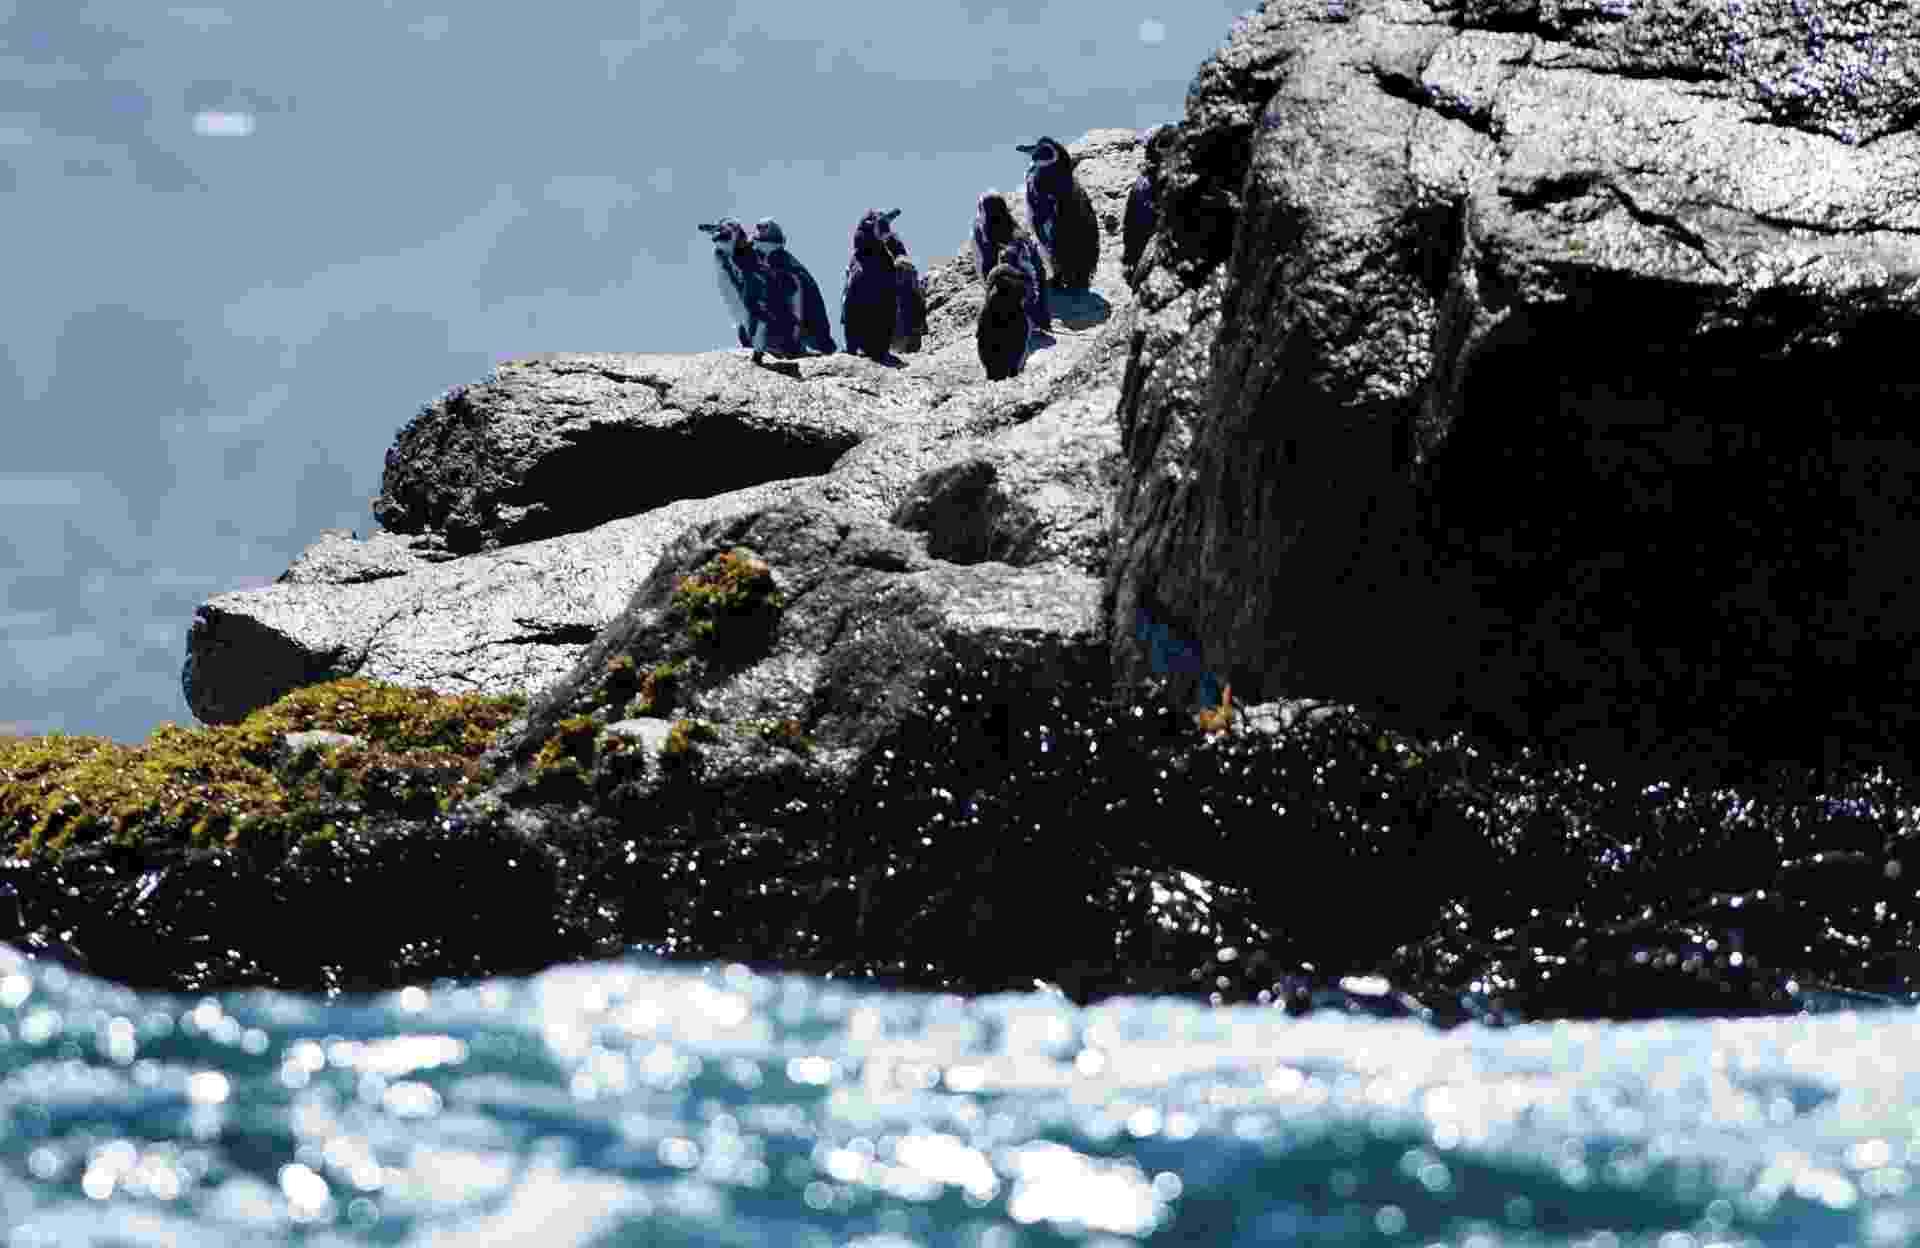 """30.abr.2013 - Pinguins de Humboldt tomam sol na ilha Pájaro Niño, que fica na costa central do Chile. A espécie que só se aninha no Chile e no Peru corre risco de desaparecer da natureza por conta da ação humana, do fenômeno El Niño e até dos ratos, denunciam ecologistas locais. Os pinguins de Humboldt não superam os 50.000 exemplares atualmente e são classificados na categoria de conservação """"vulnerável"""" no Chile, enquanto no Peru estão em """"perigo de extinção"""" - Claudio Santana/AFP"""